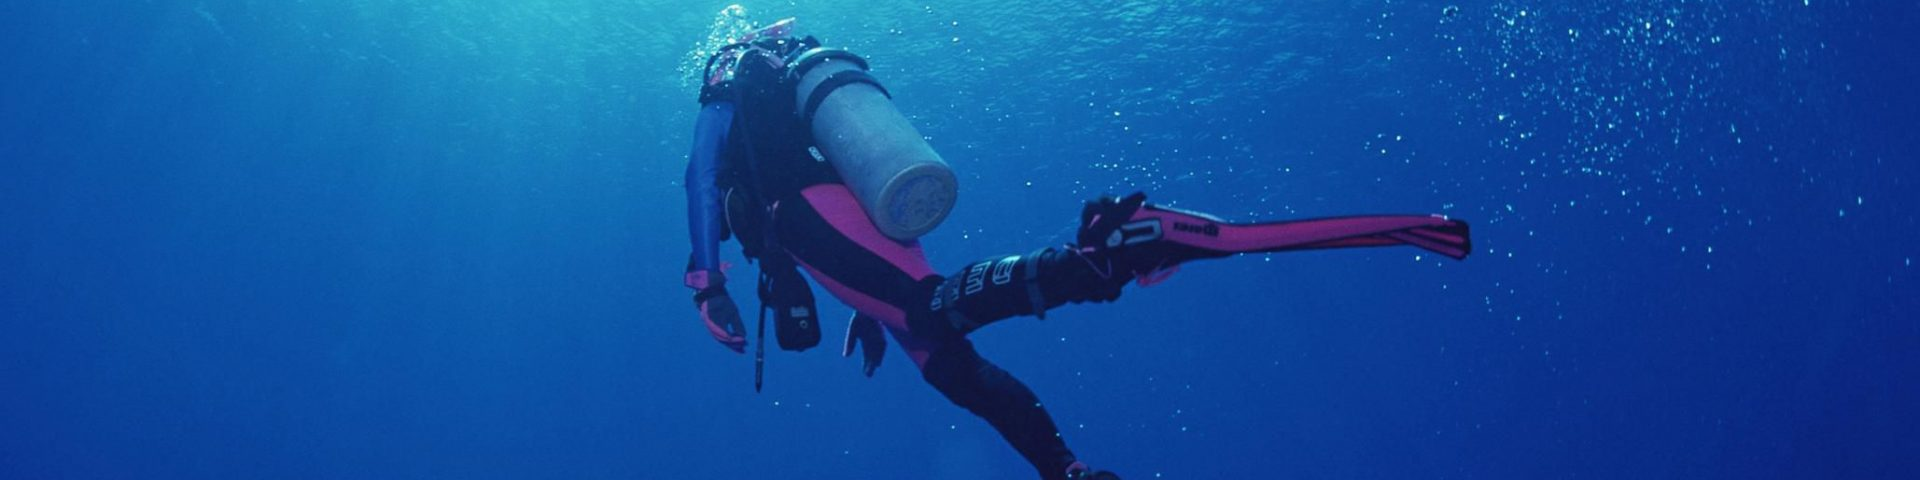 les limites de la plongée sous-marine.